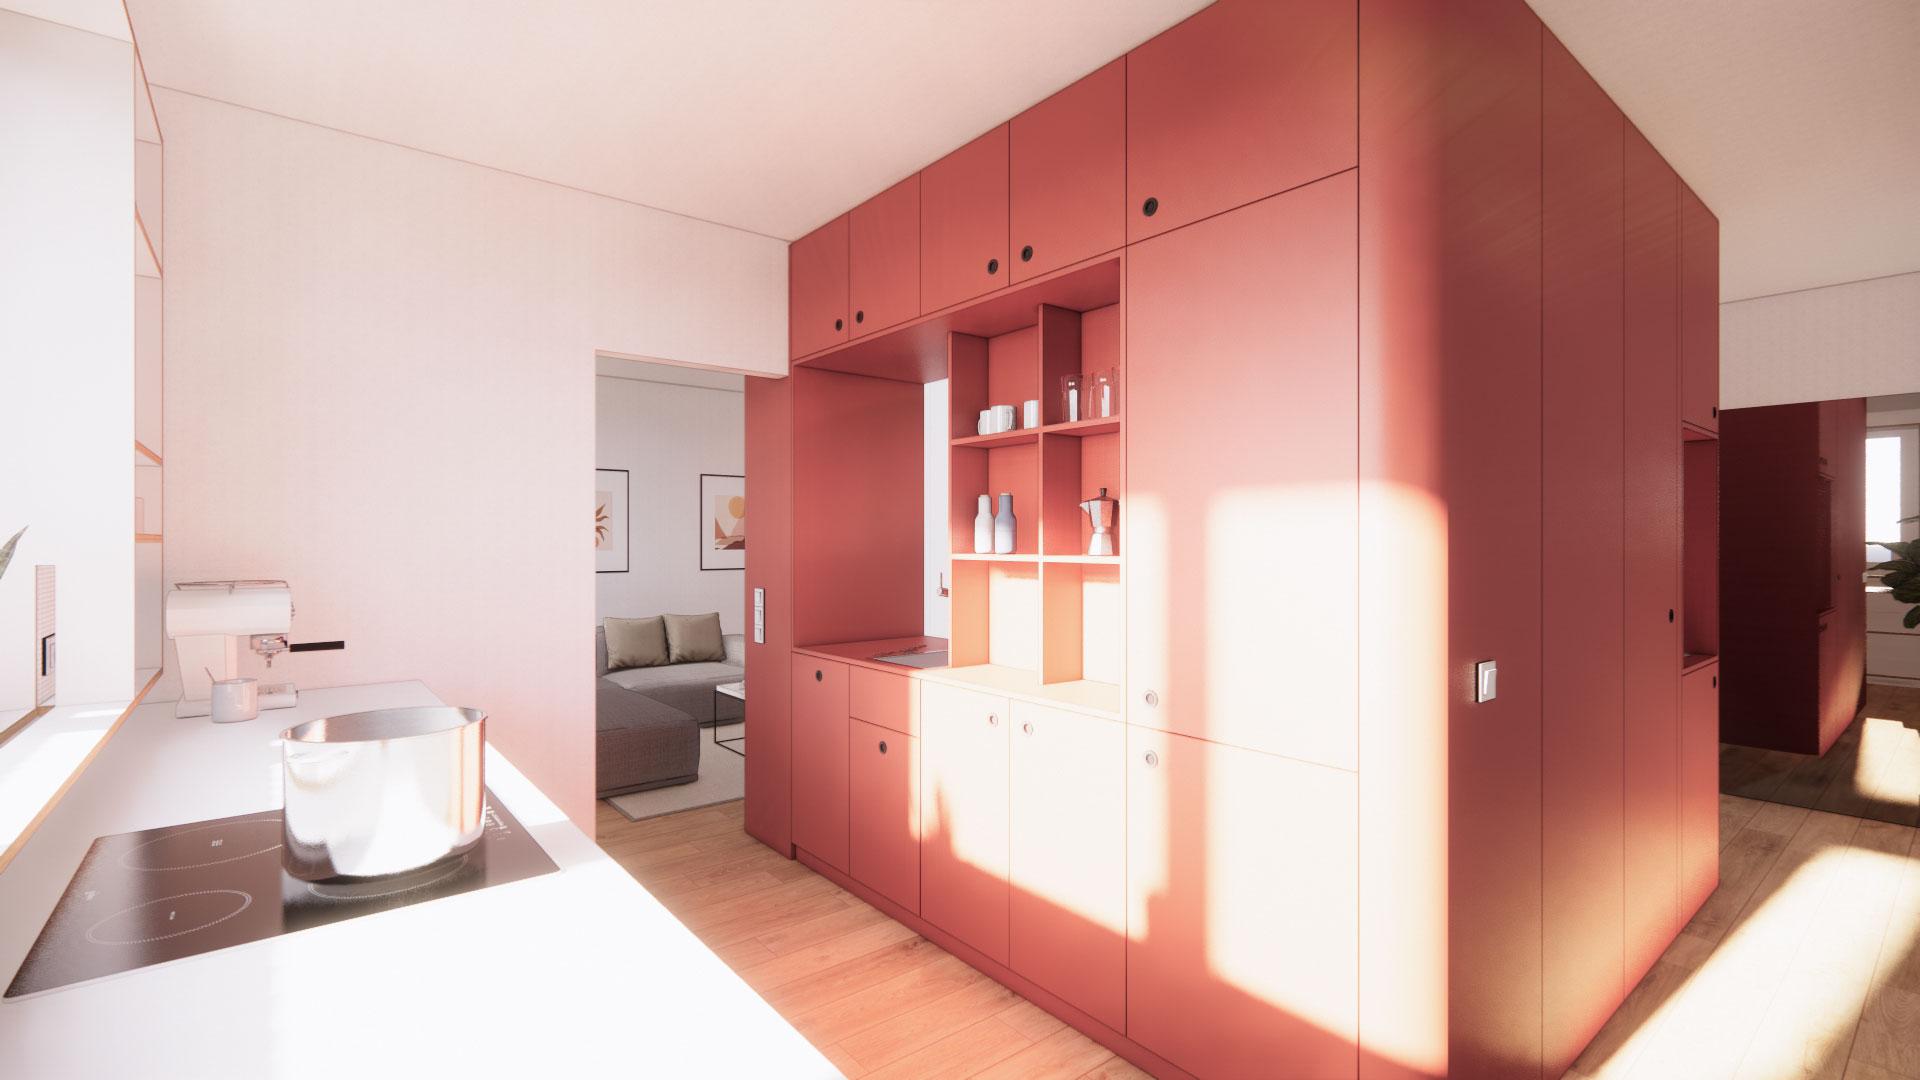 noiz-architekti-interier-byt-lotysska-03